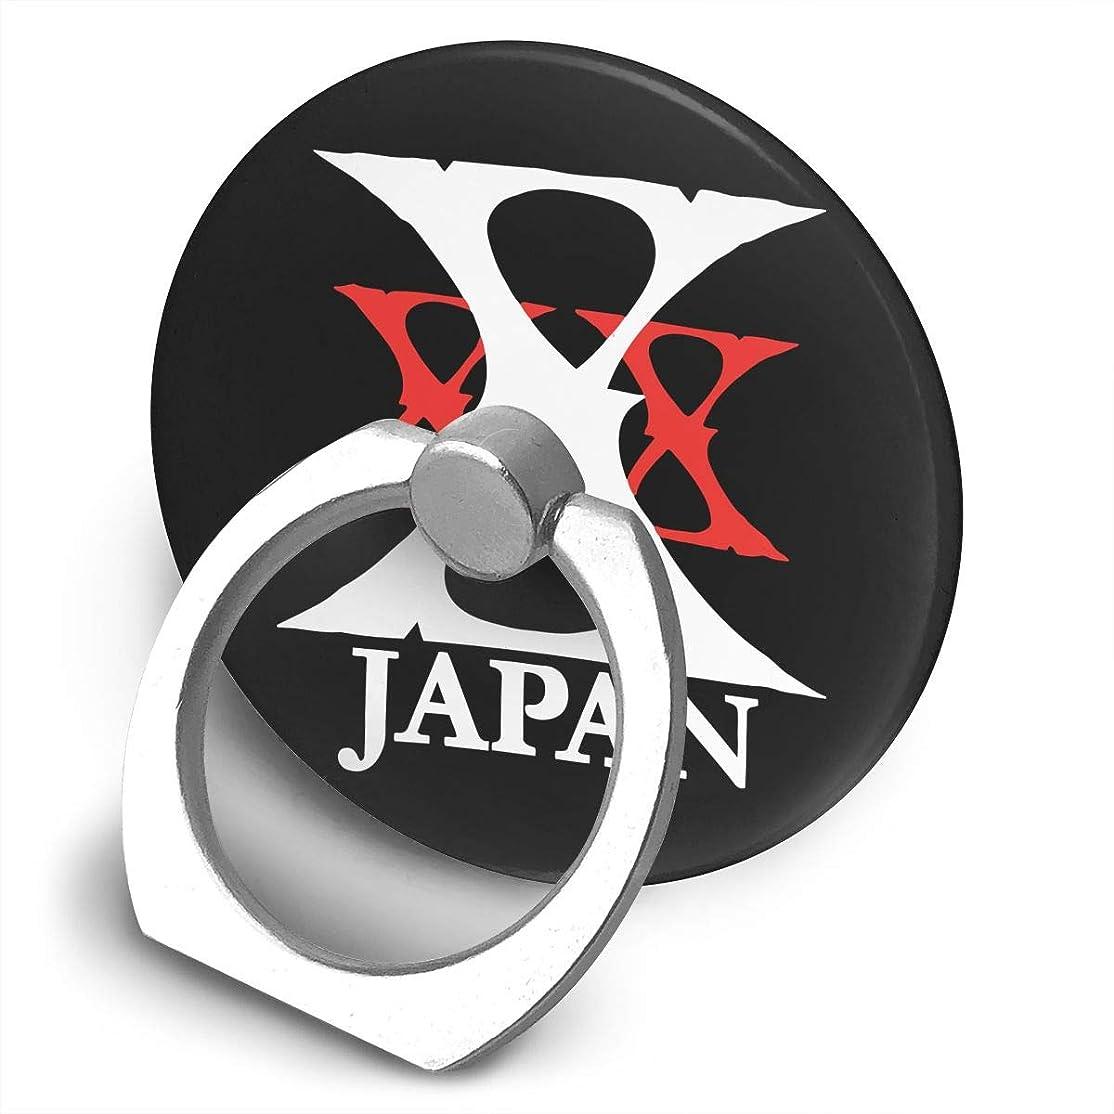 伝統的投資する吹きさらしX JAPAN バンド プリント スマホリング ホールド リング 丸型 指輪リング 薄型 おしゃれ 落下防止 360° ホルダー 強吸着力 IPhone/Android各種他対応